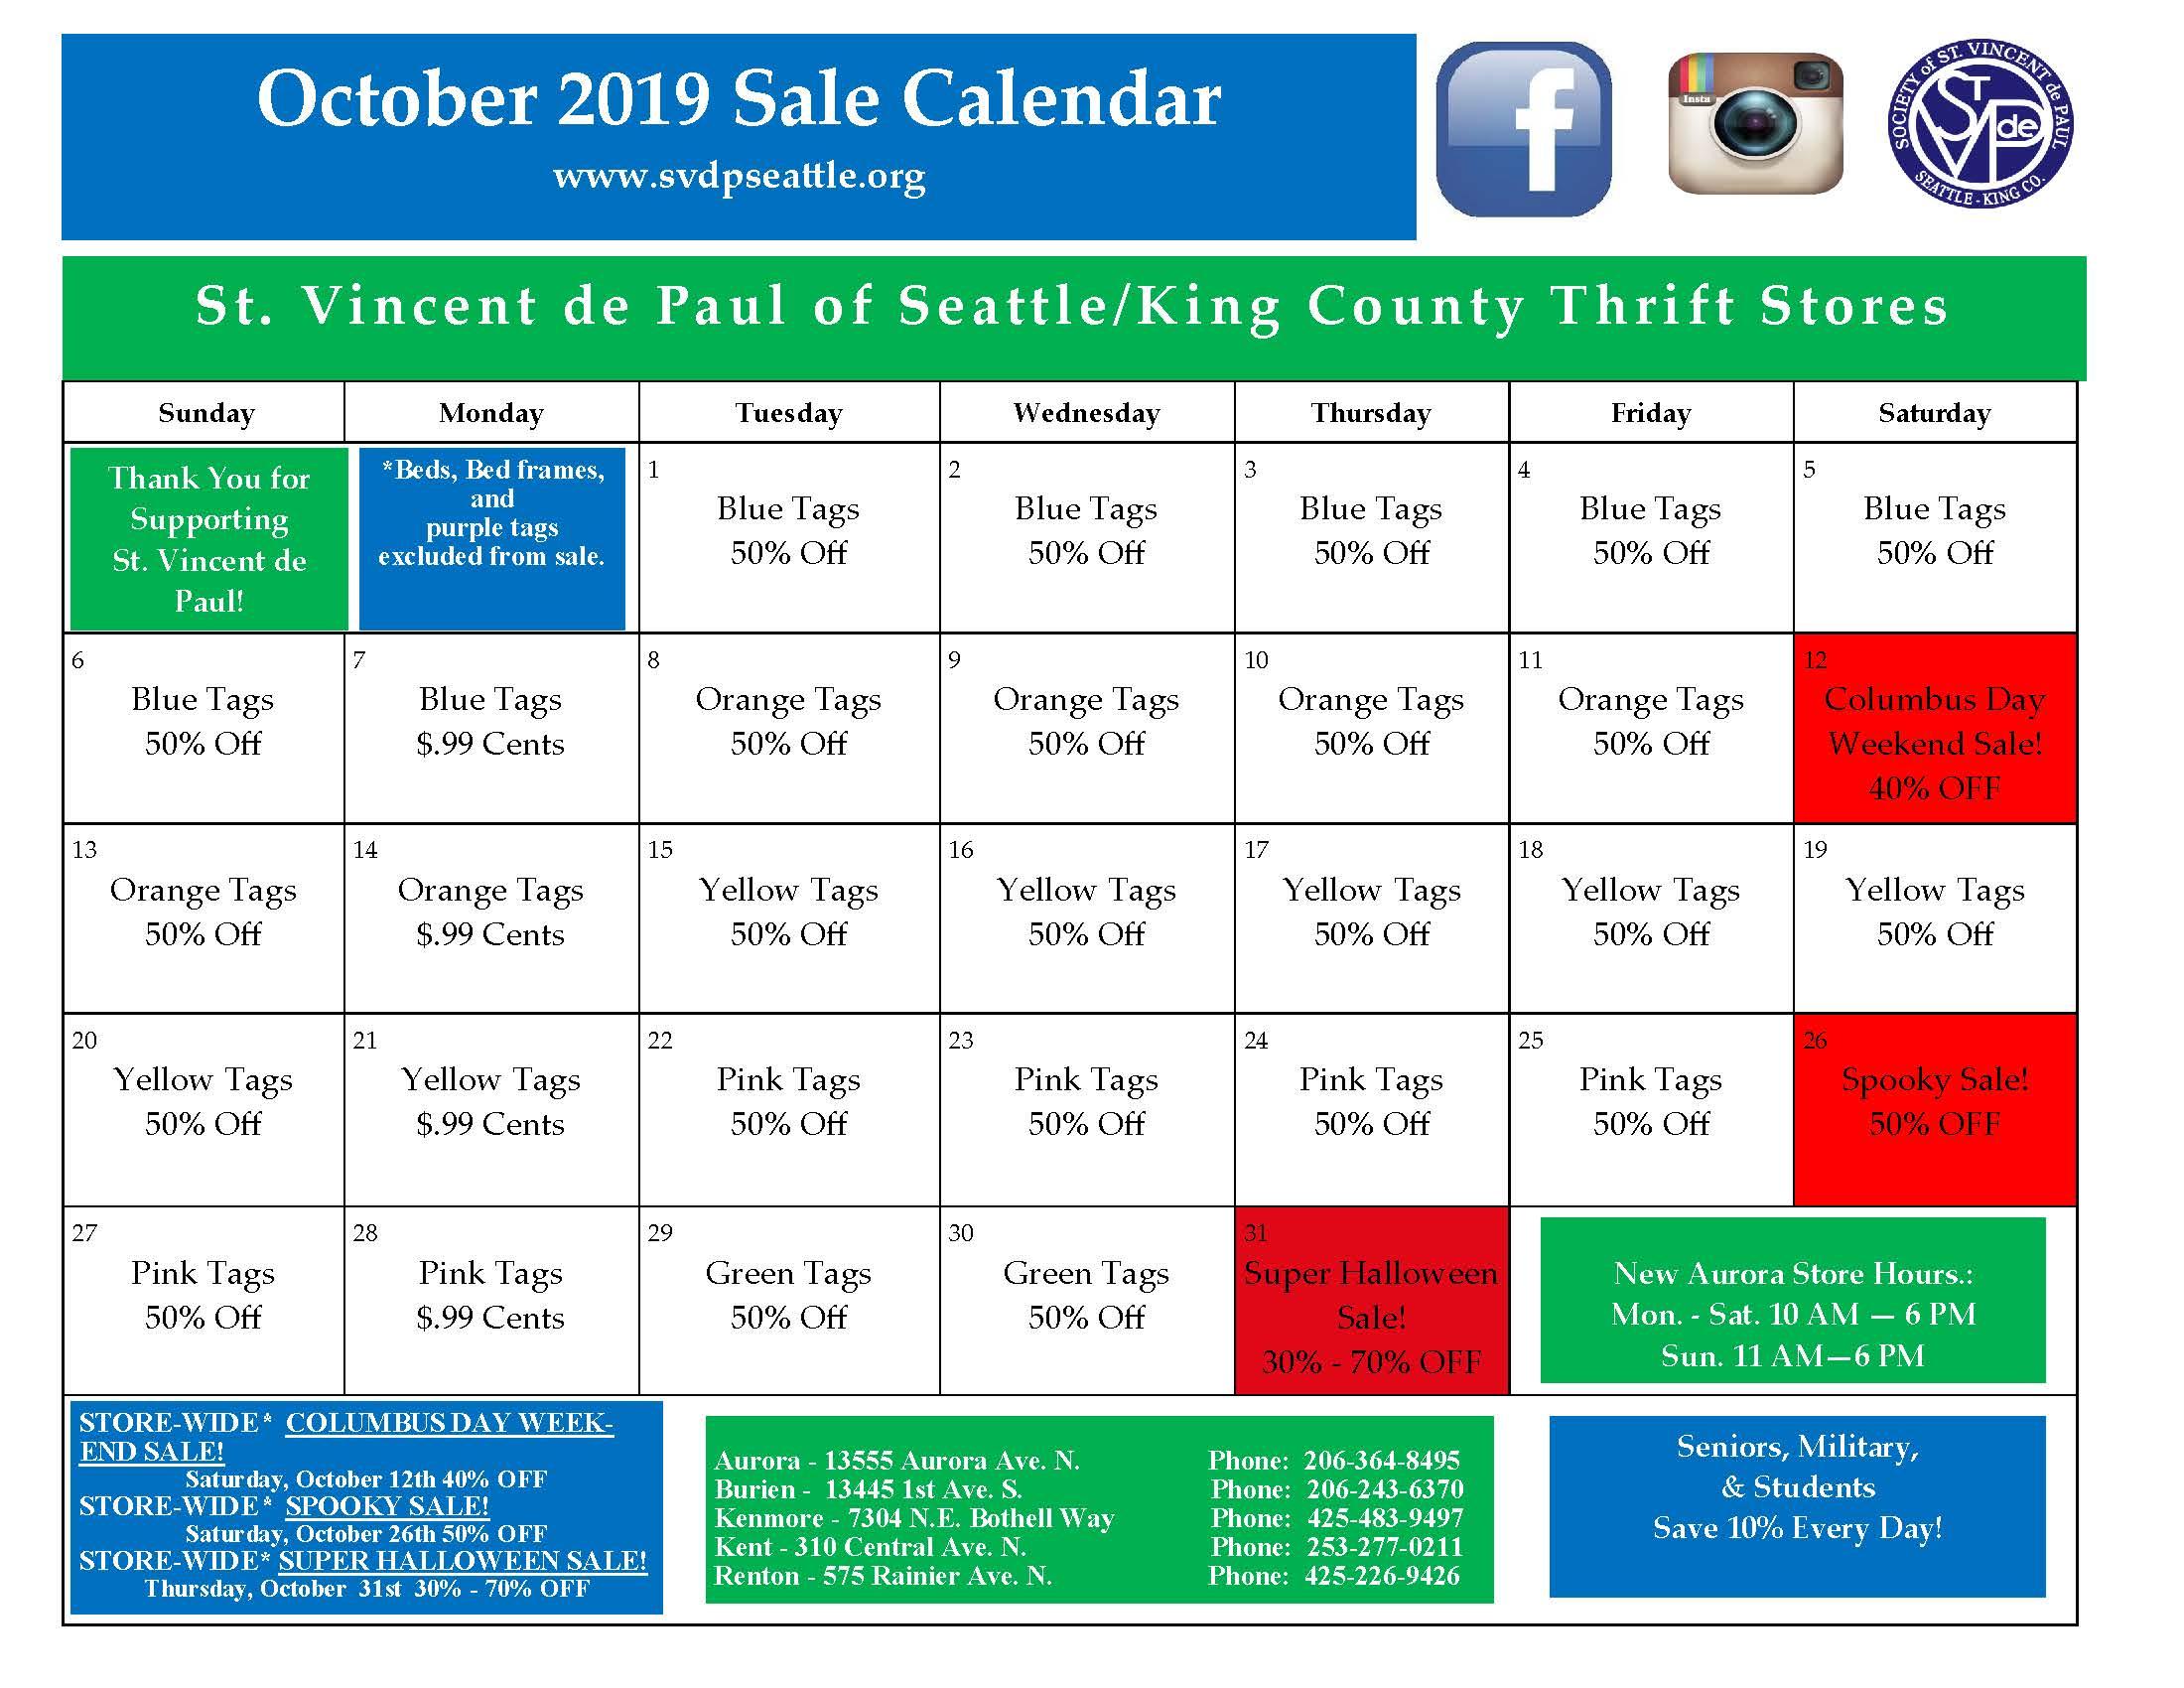 Oct 2019 Calendar 9-26-19 10am Final